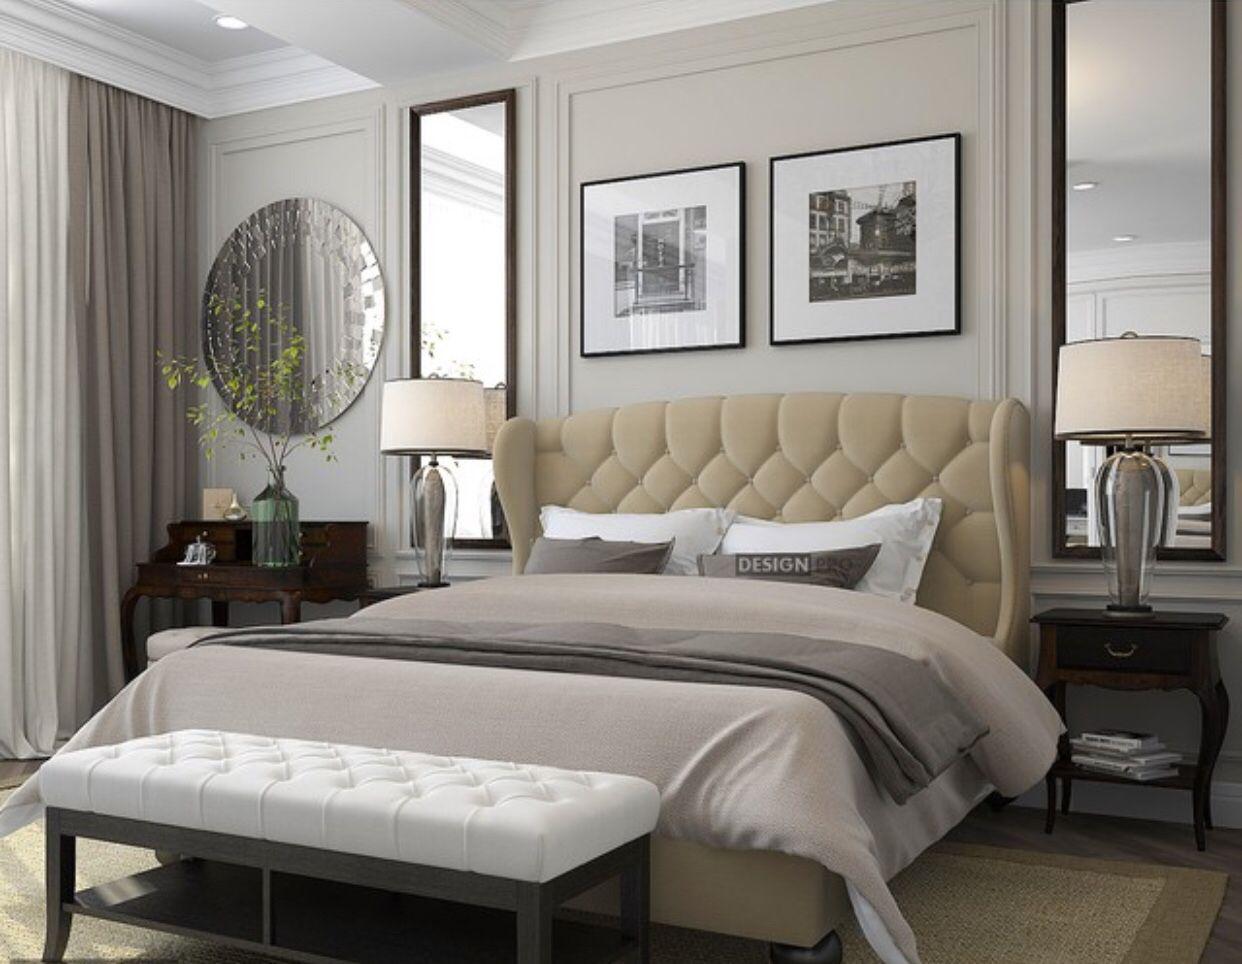 Cool bedroom   Master bedrooms decor, Bedroom bed design